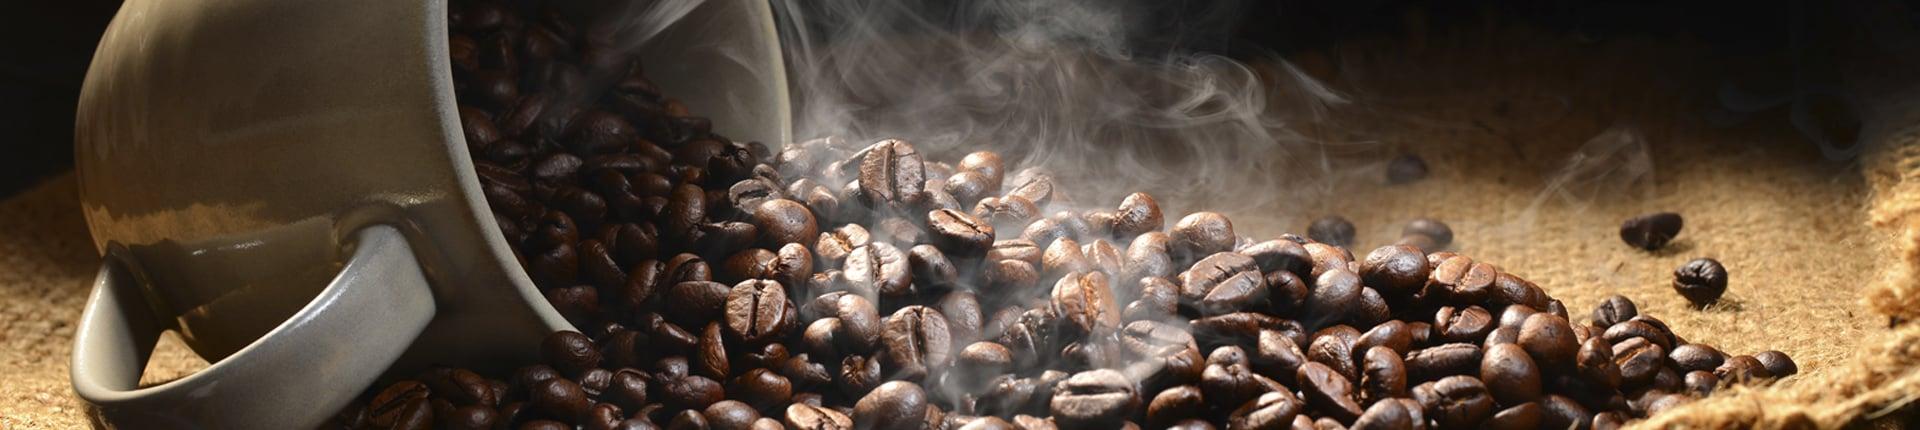 Rodzaje napojów kawowych. Napoje na bazie kawy okiem dietetyka